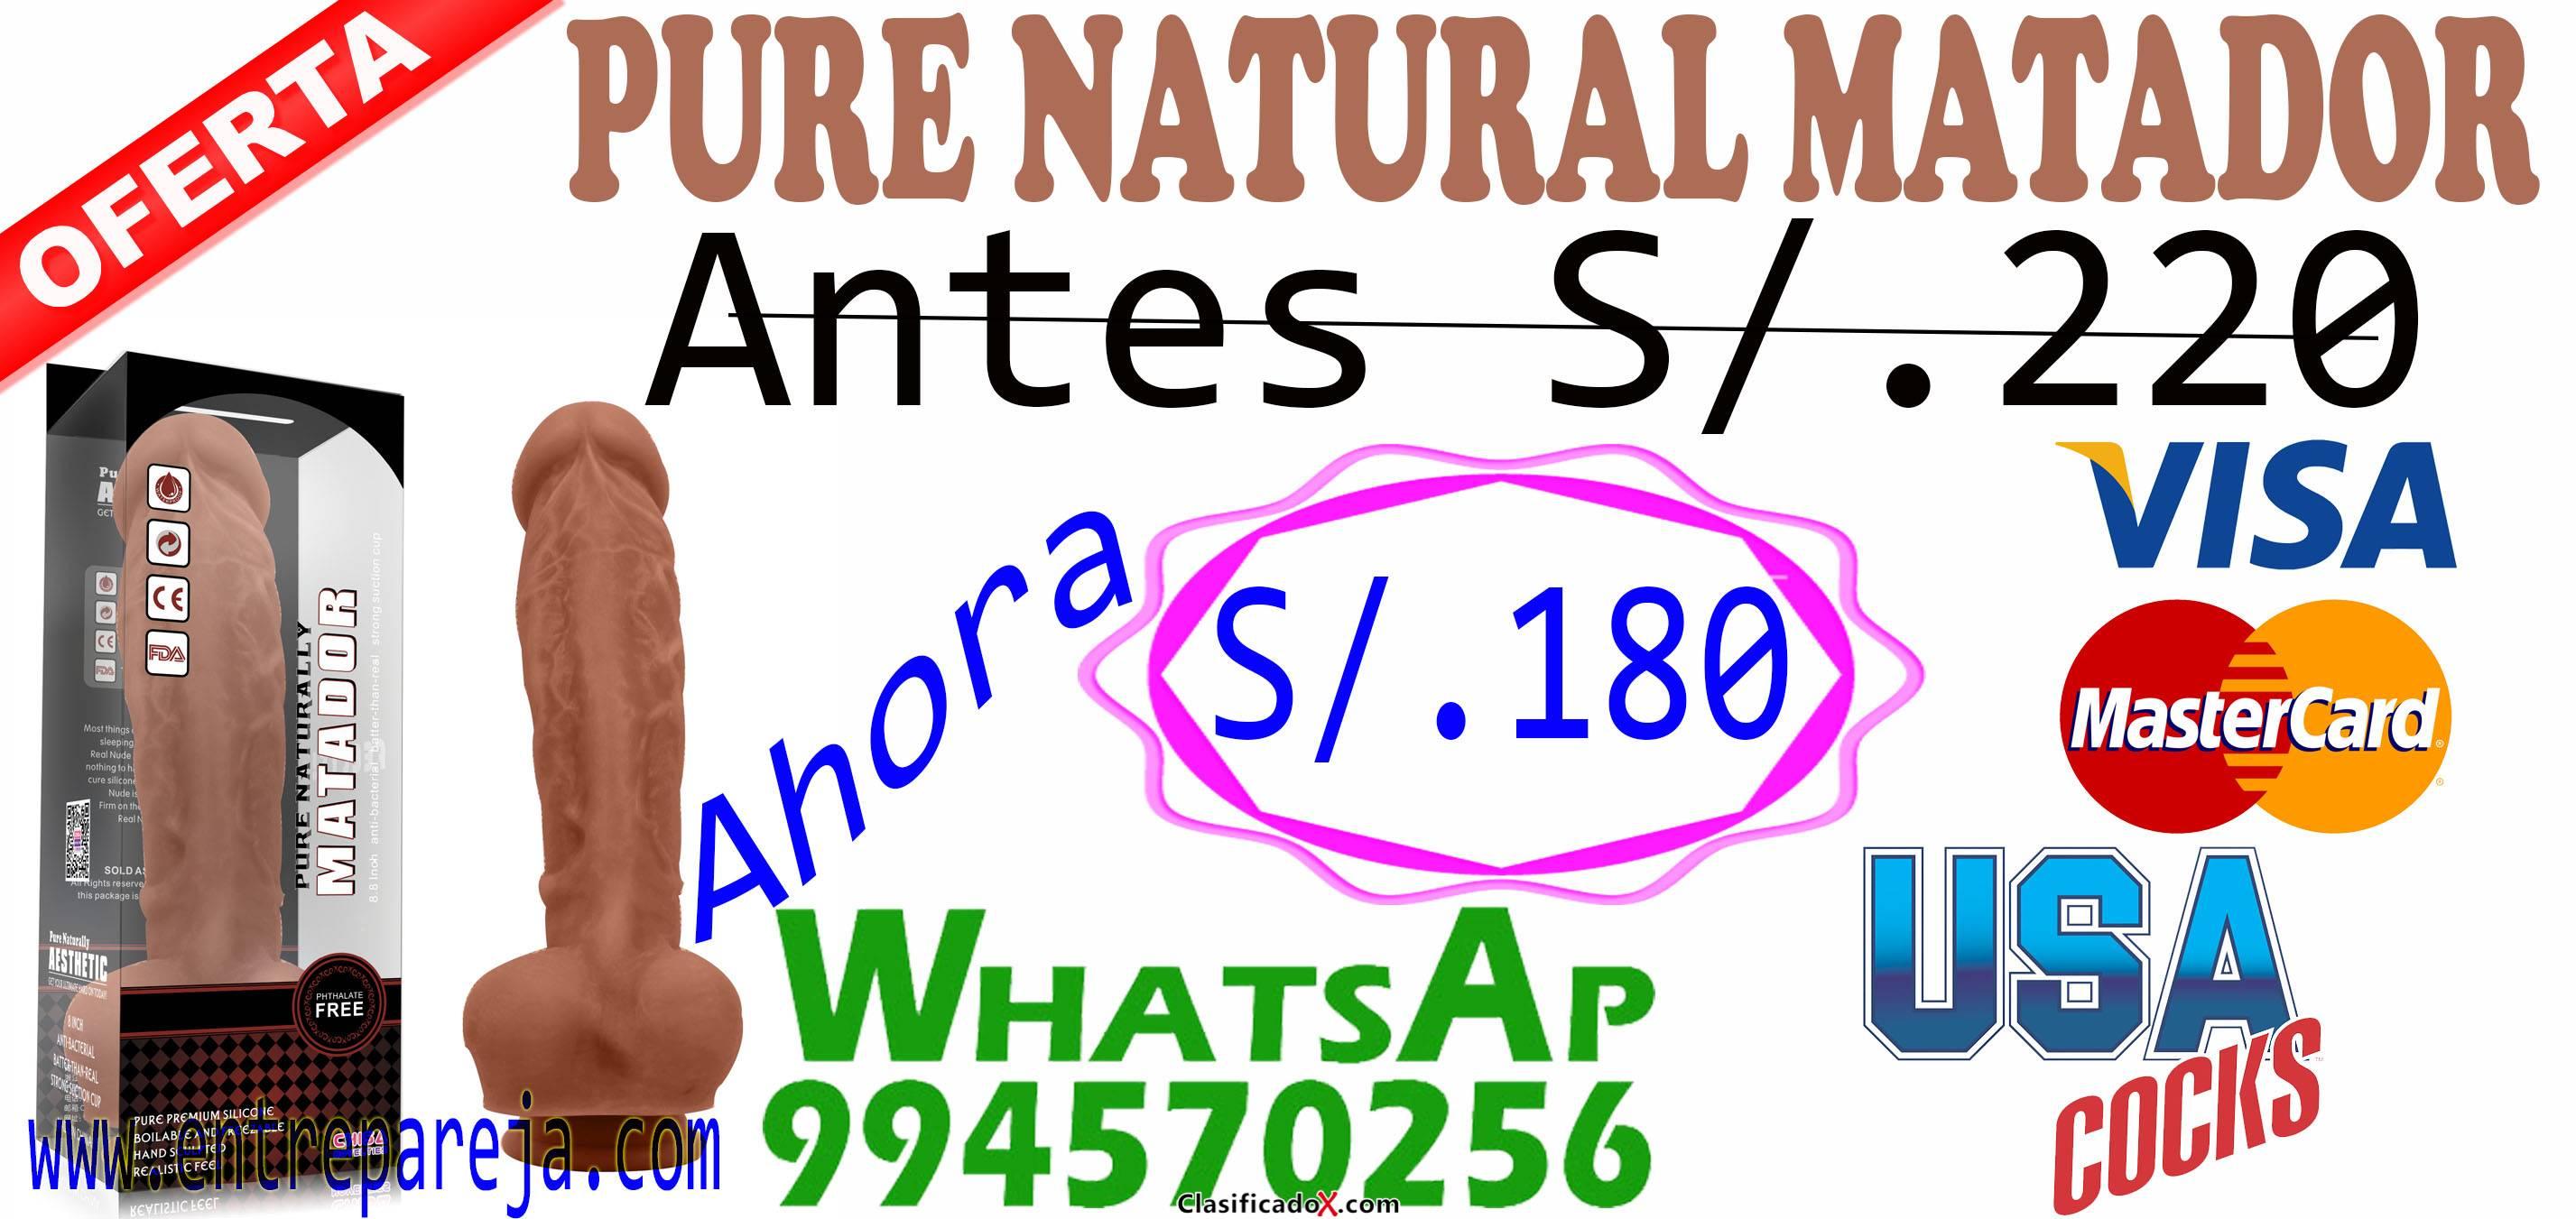 SEXY TIENDAS PERU SEXSHOP DE PAREJAS 994570256